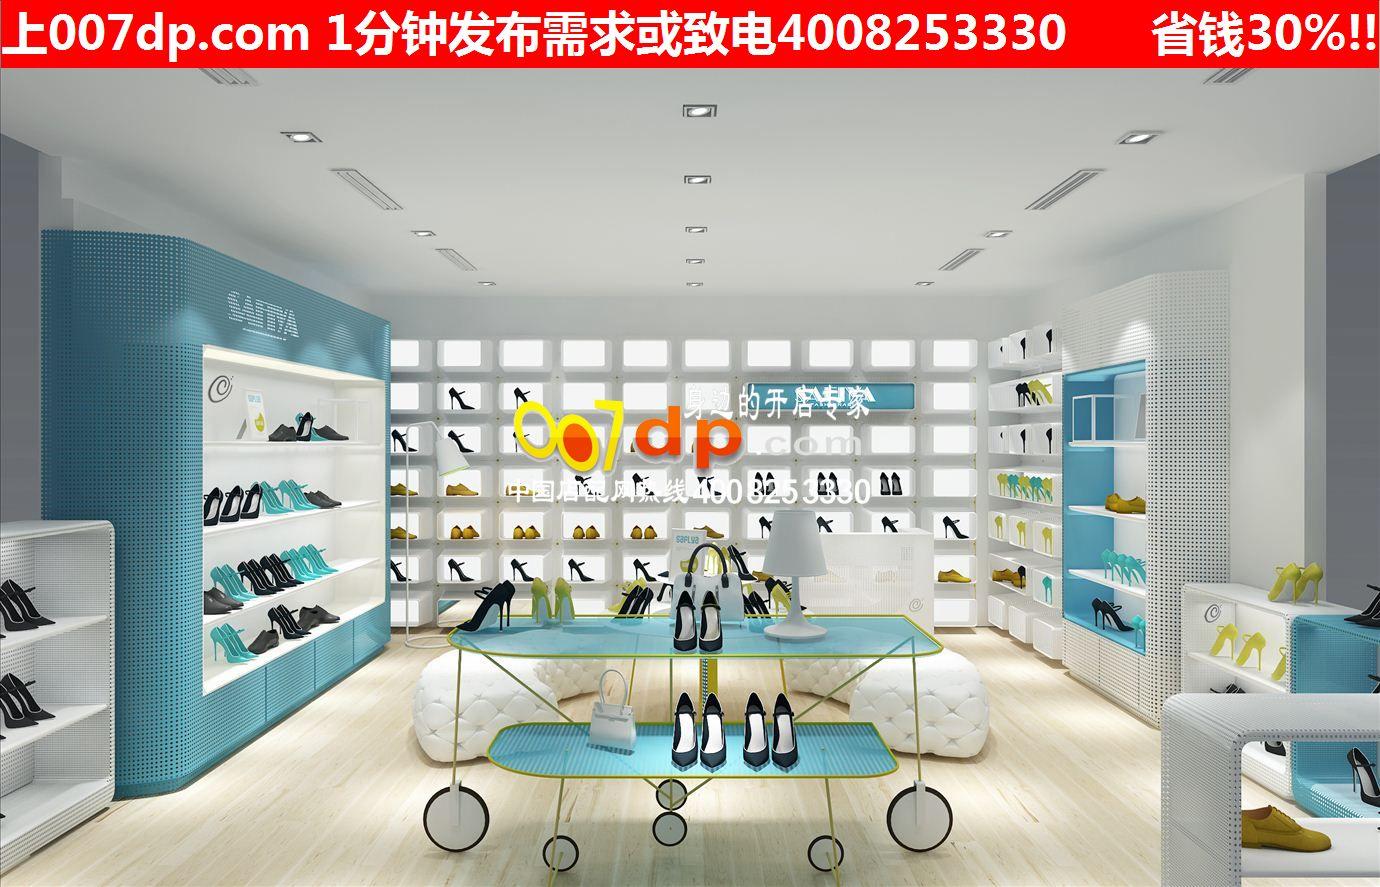 女鞋店装修图,童鞋店装修效果图,鞋店设计图片,商场鞋店设计,时尚鞋店